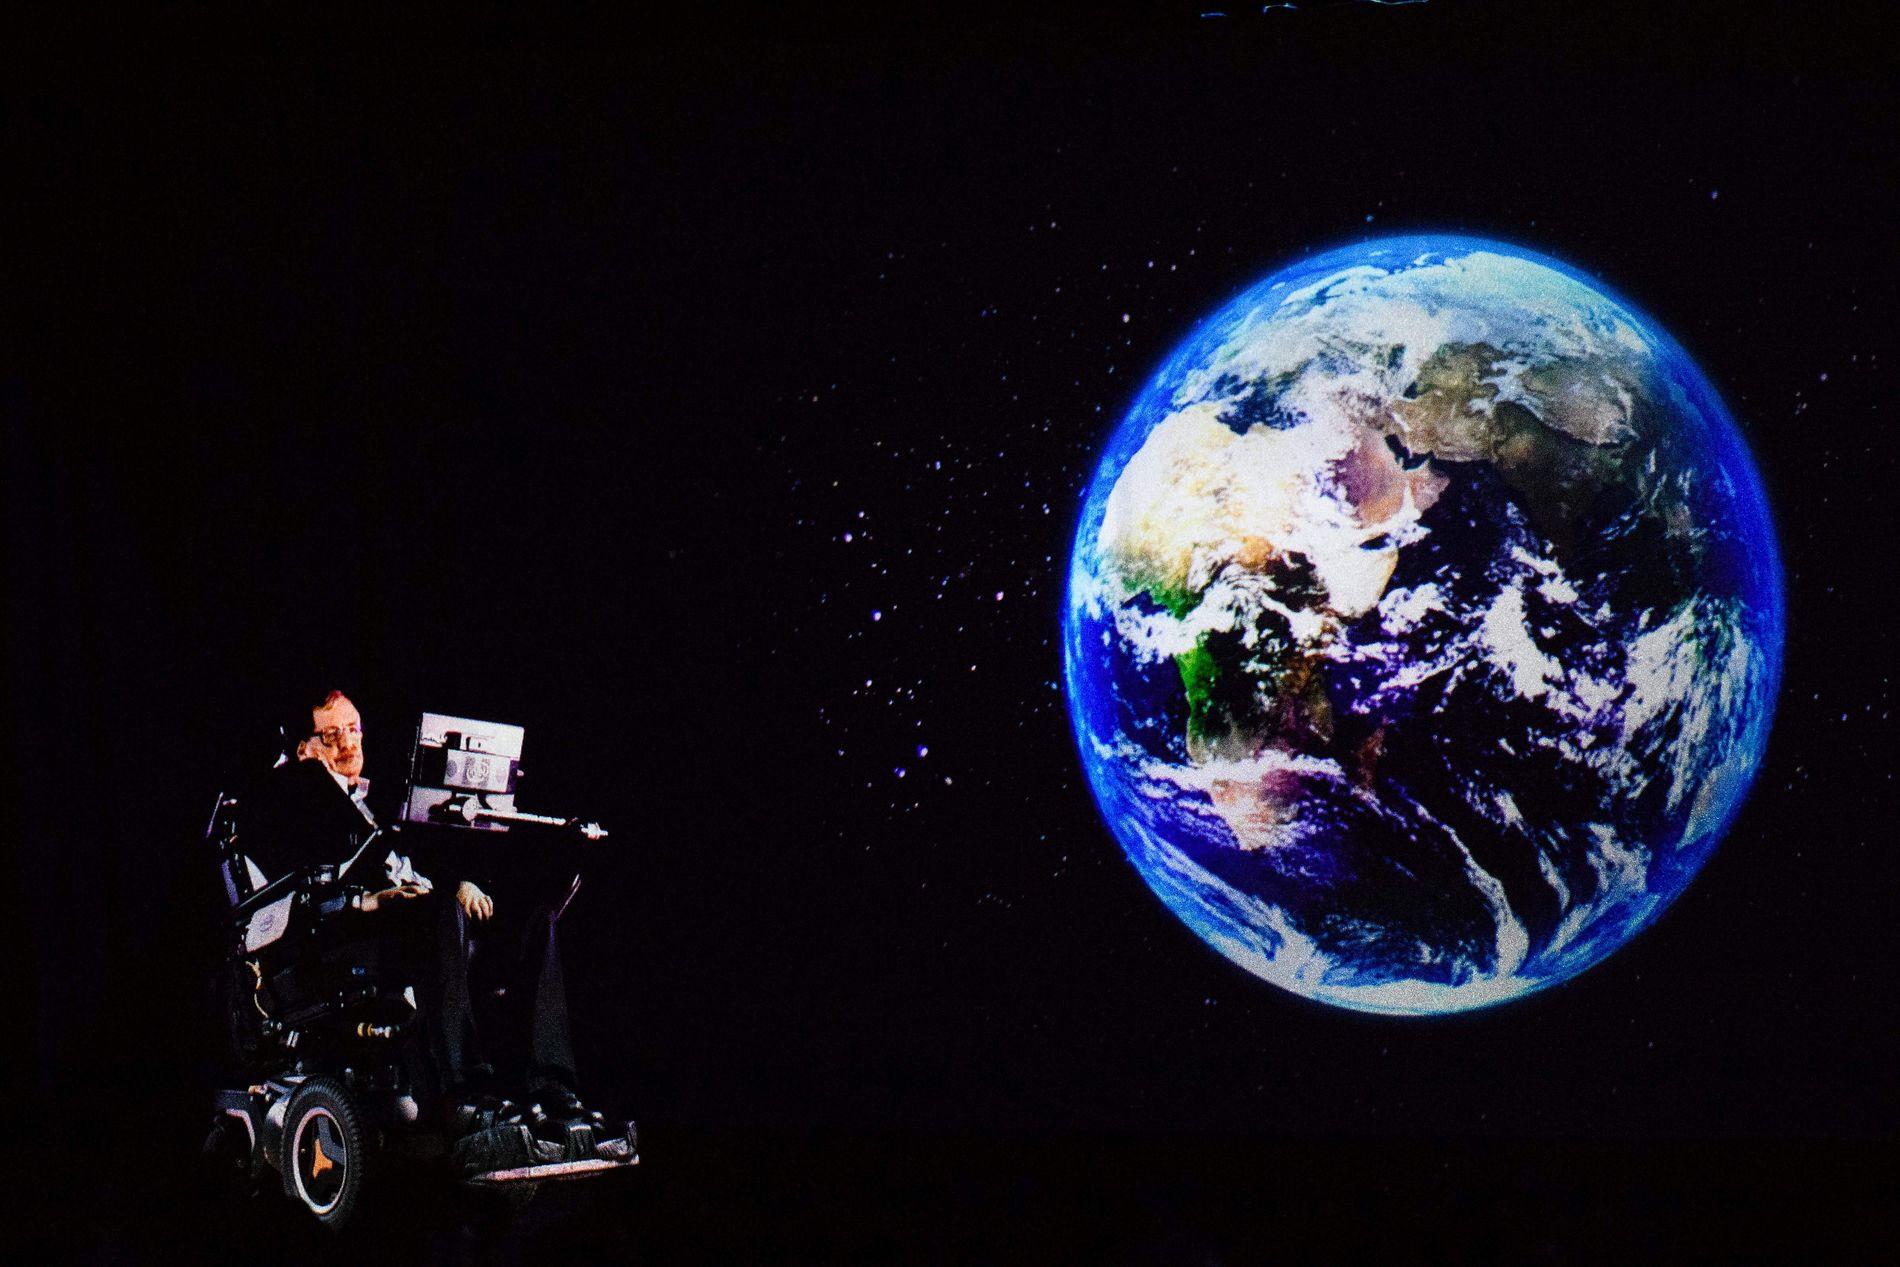 SLUTTEN FOR KLODEN: Om hundre år må vi forberede oss på å evakuere til andre planeter for å overleve, advarer den britiske fysikeren og matematikeren Stephen Hawking. Her er han fotografert på et foredrag han holdt i Hong Kong i mars i år.